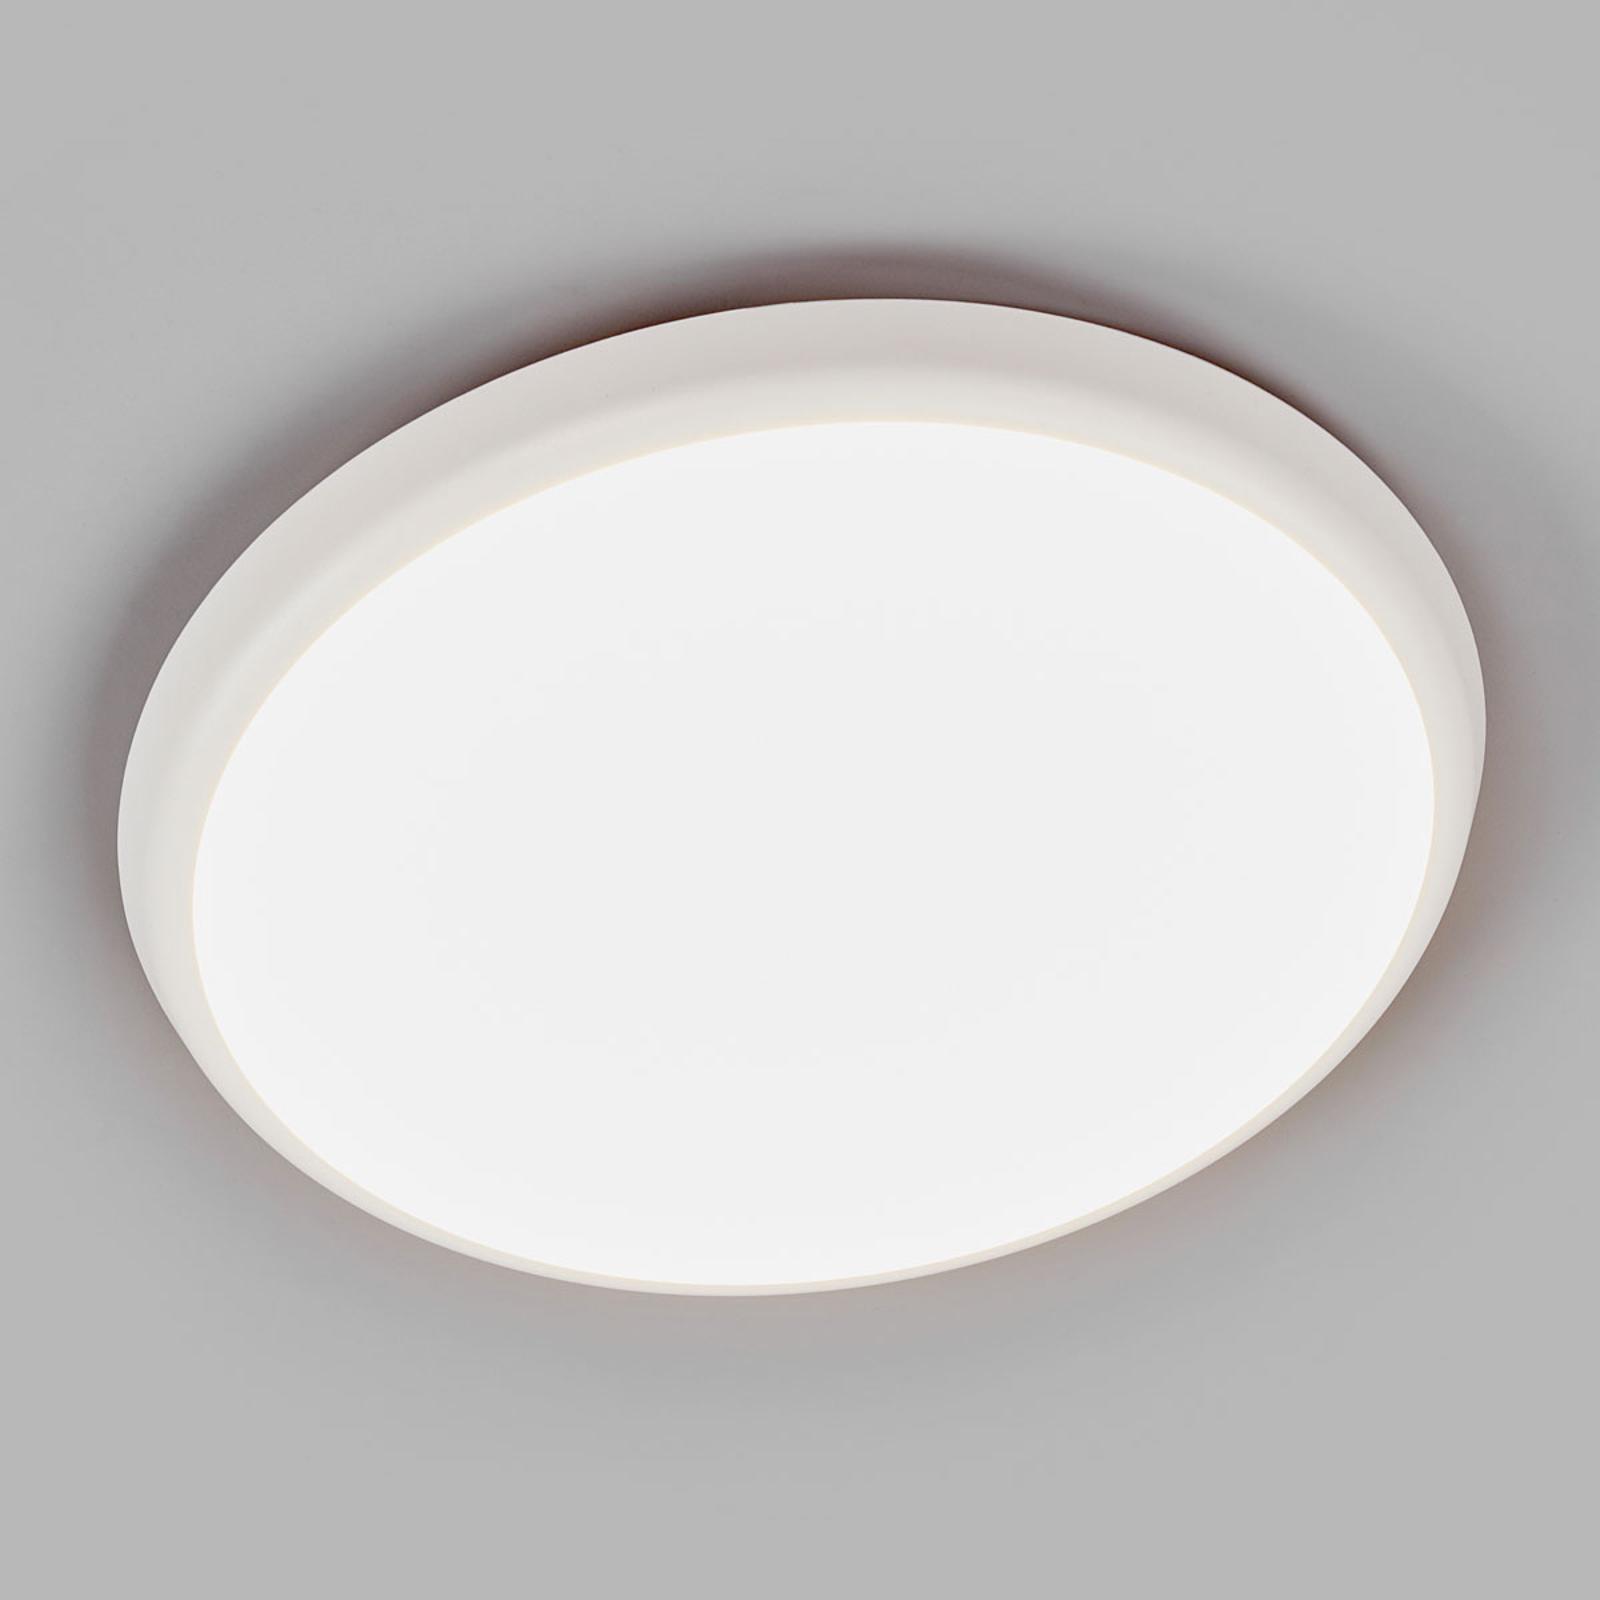 Yksinkertainen LED-kattovalaisin Augustin, 30 cm